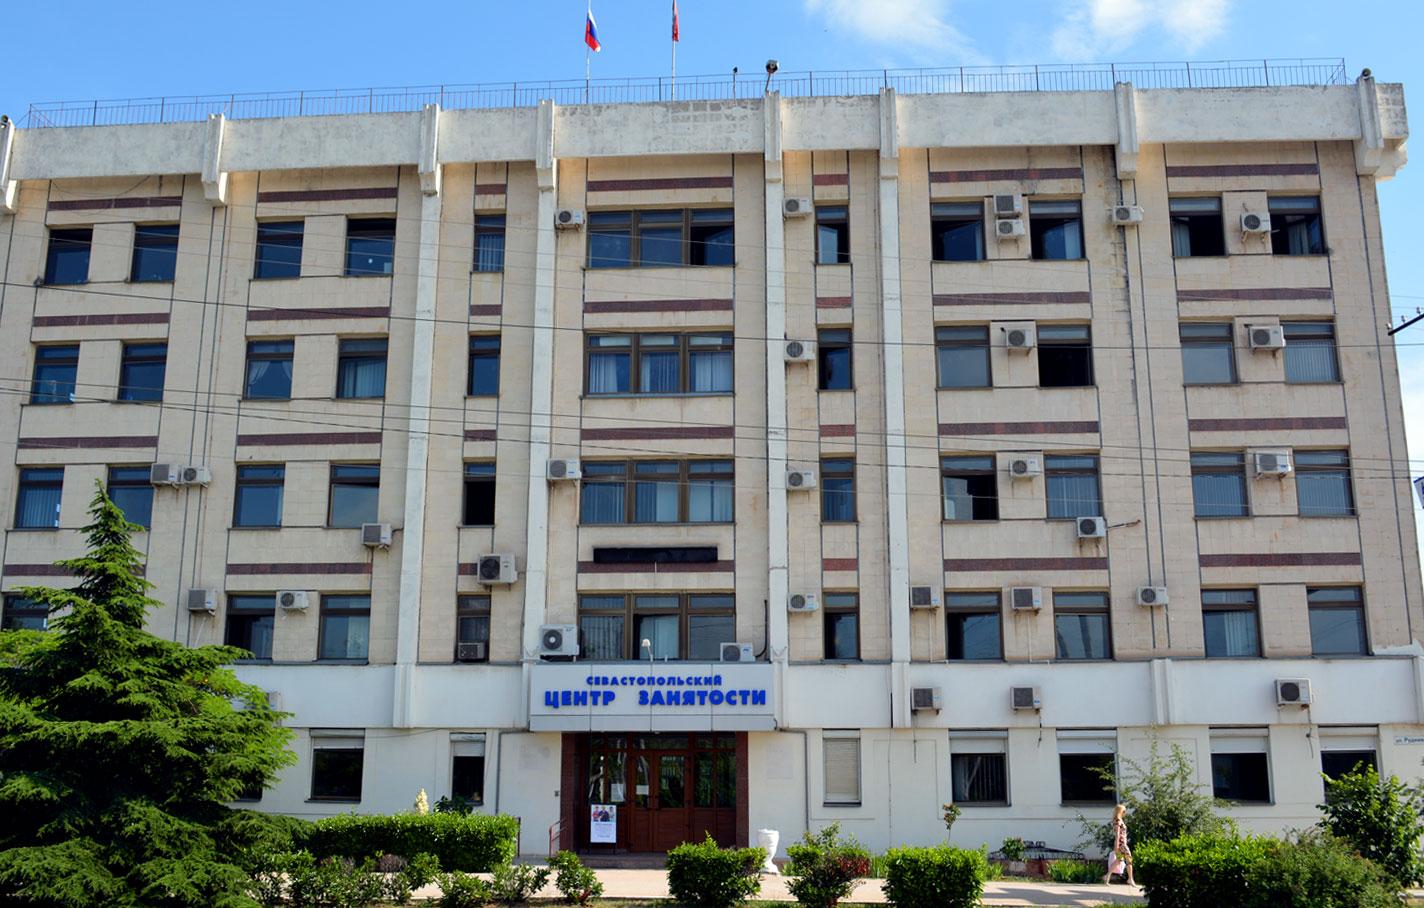 Севастопольский Центр Занятости и Департамент труда и соц.защиты радуются оценке 3